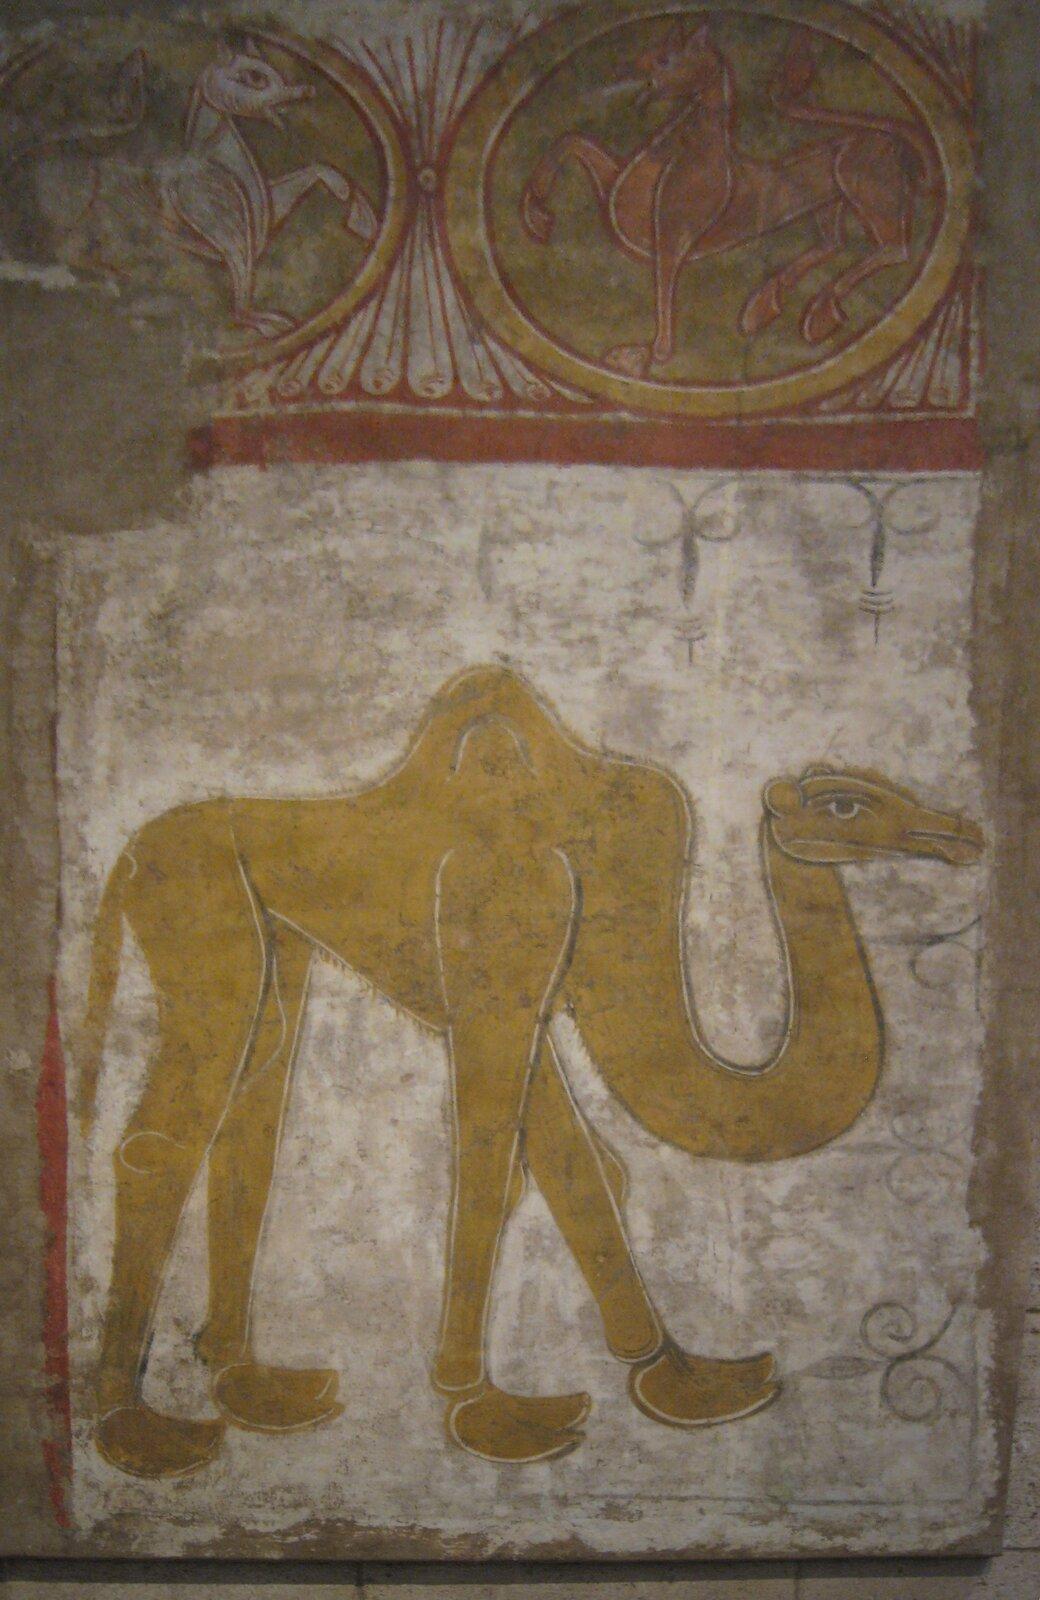 """Ilustracja przedstawia malowidło """"Wielbłąd"""". Fresk naścienny przedstawia postać żółtego wielbłąda na białym tle. Namalowany jest wbardzo uproszczonej formie, płaską plamą idelikatnym konturem. Nad nim znajduje się fragment czerwono-białego ornamentu zdwoma okręgami wktórych umieszczono postacie zwierząt zkopytami iogonem. Zwierzę po lewej stronie malowidła jest białe, zwierzę po prawej brązowe."""